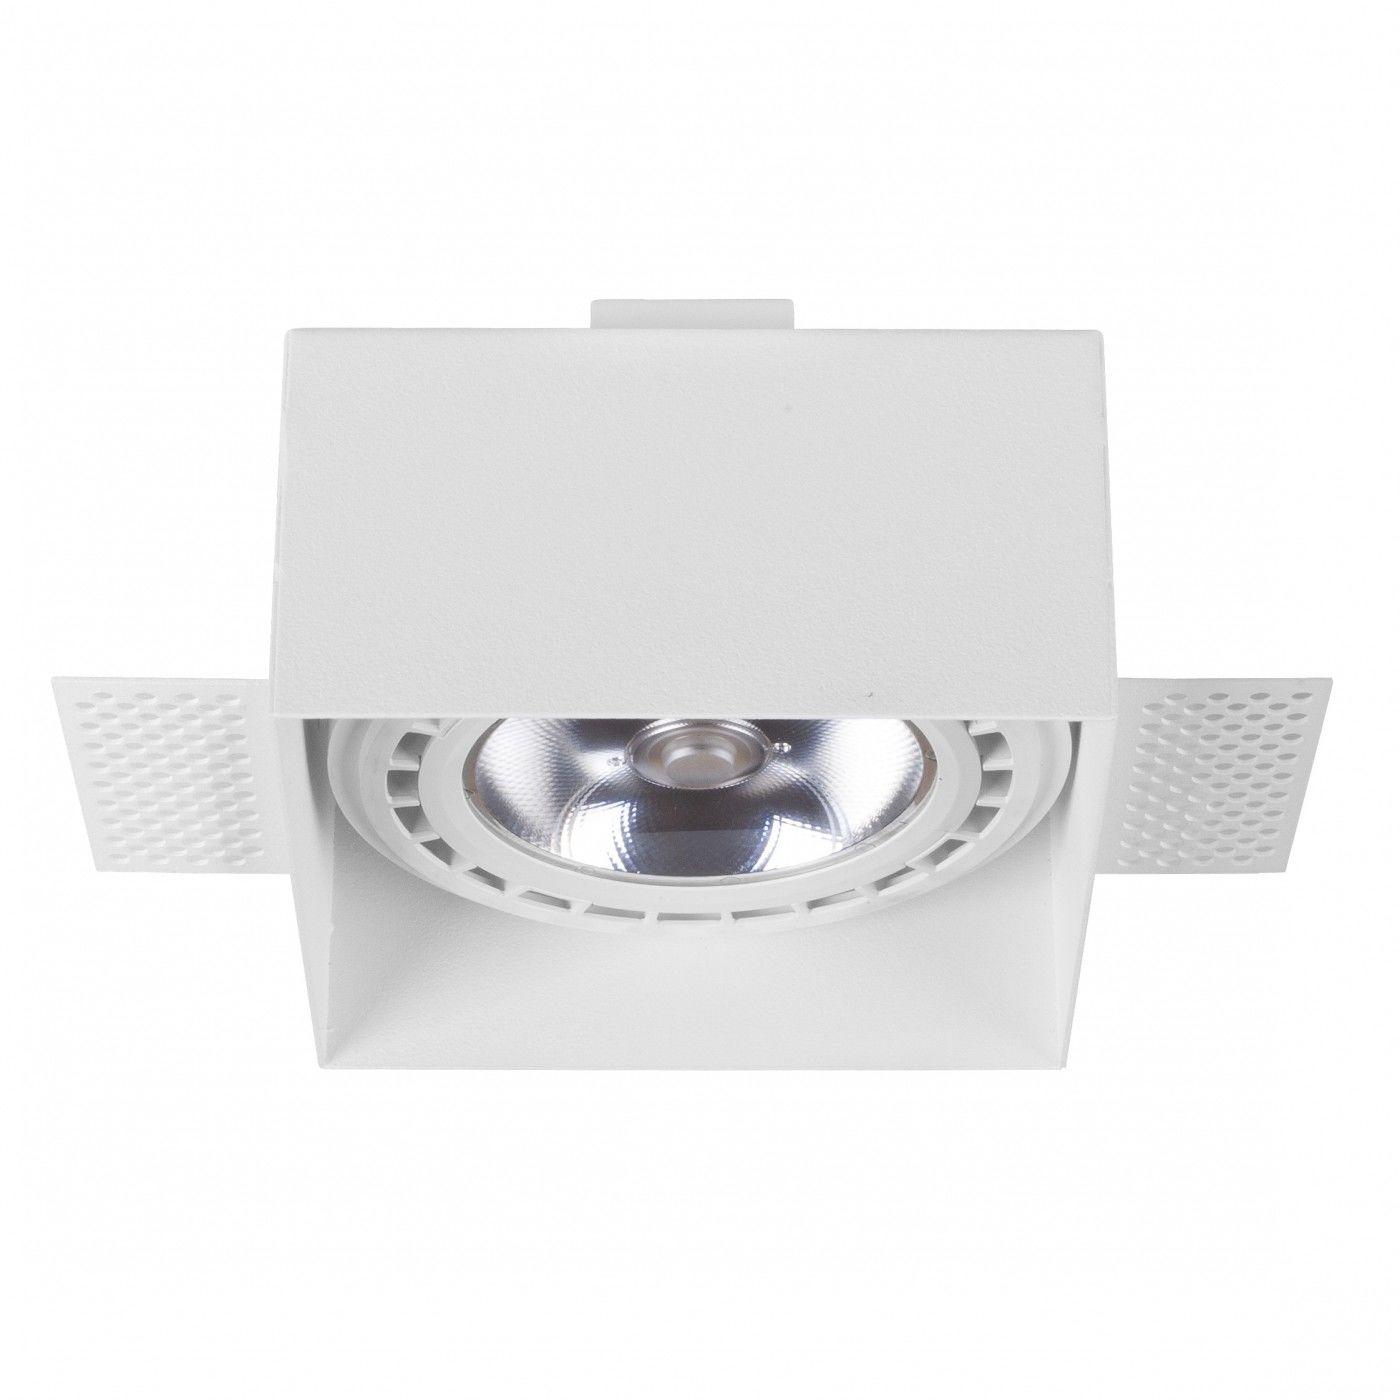 Oprawa wpuszczana Mod 9413 Nowodvorski Lighting kwadratowa oprawa w kolorze białym